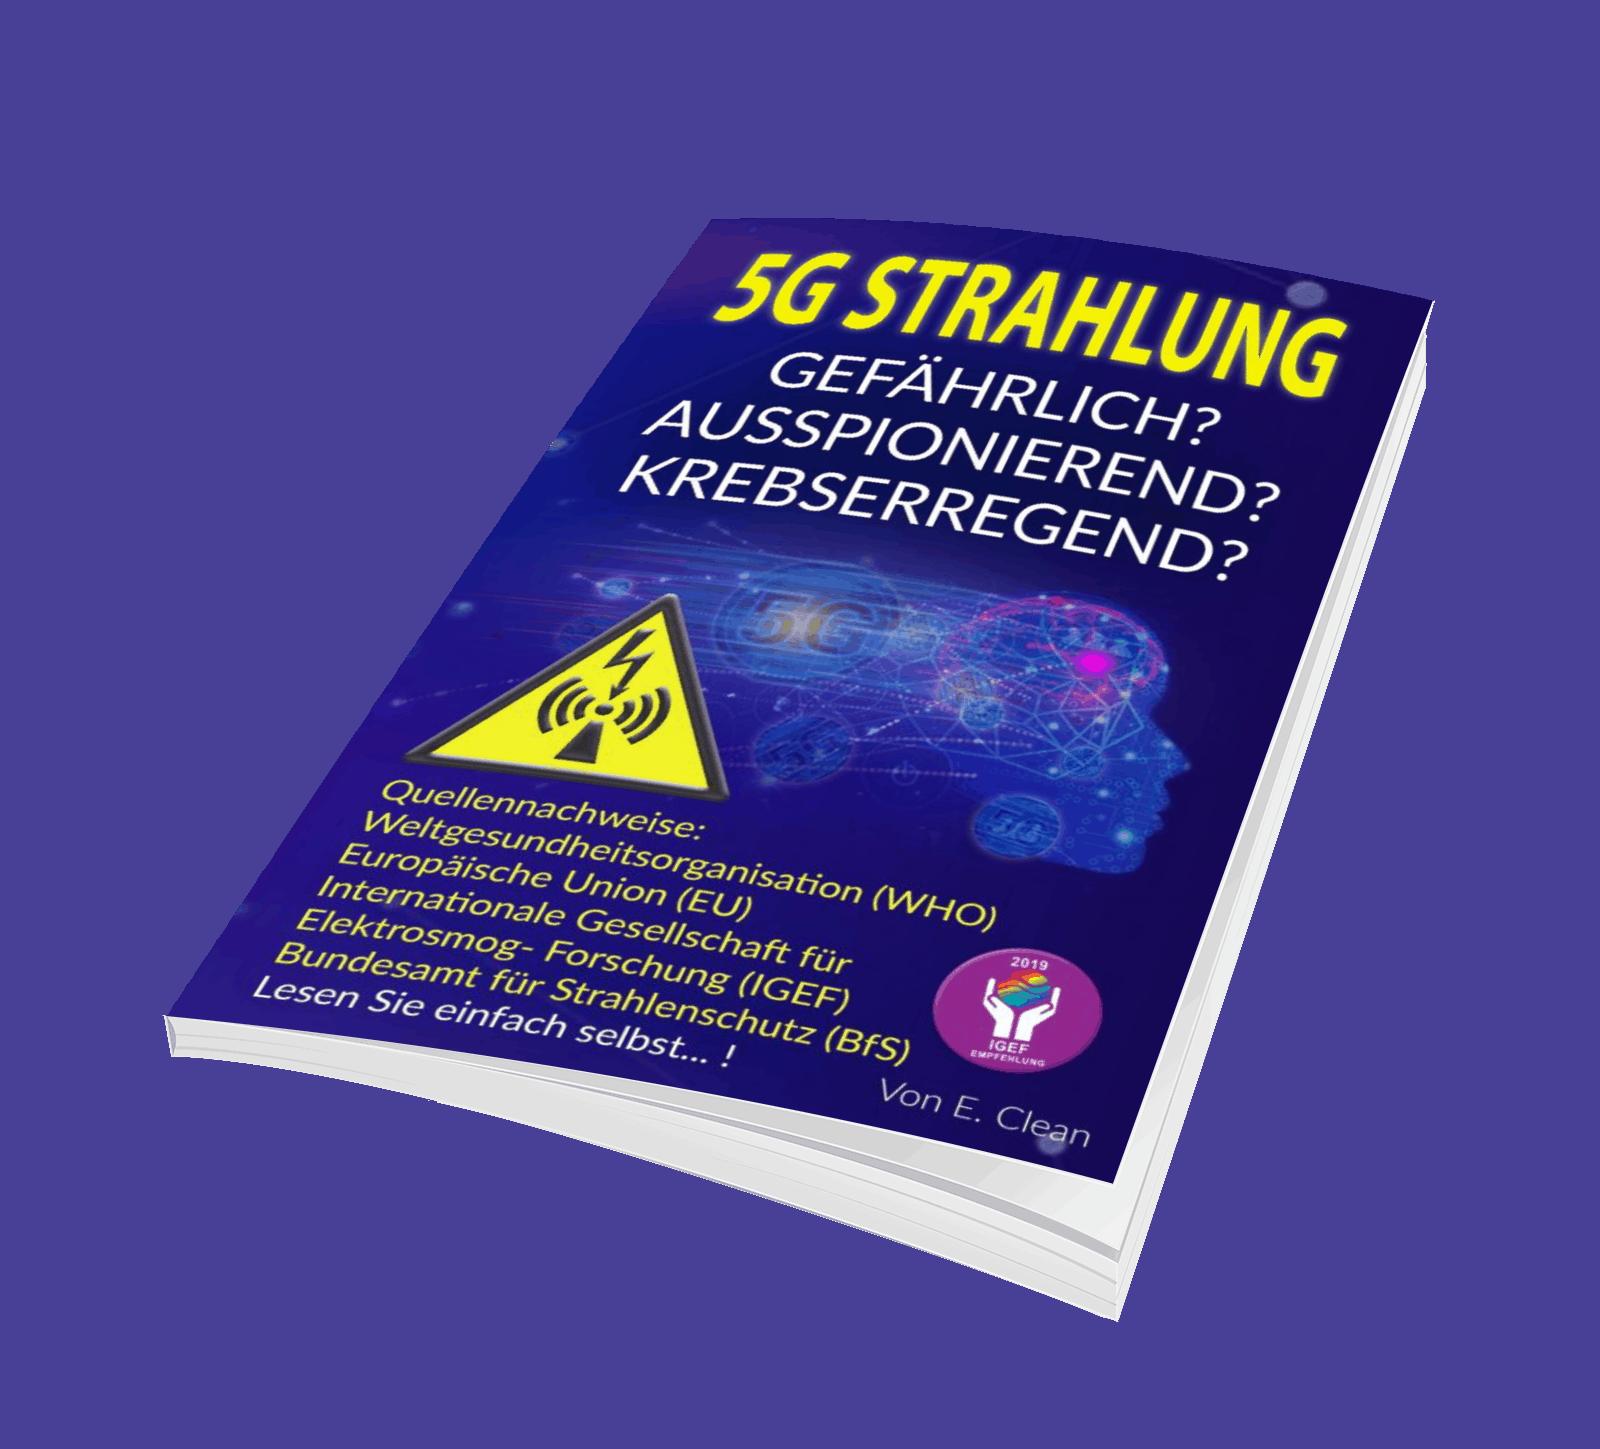 5G-Strahlung gefährlich flach